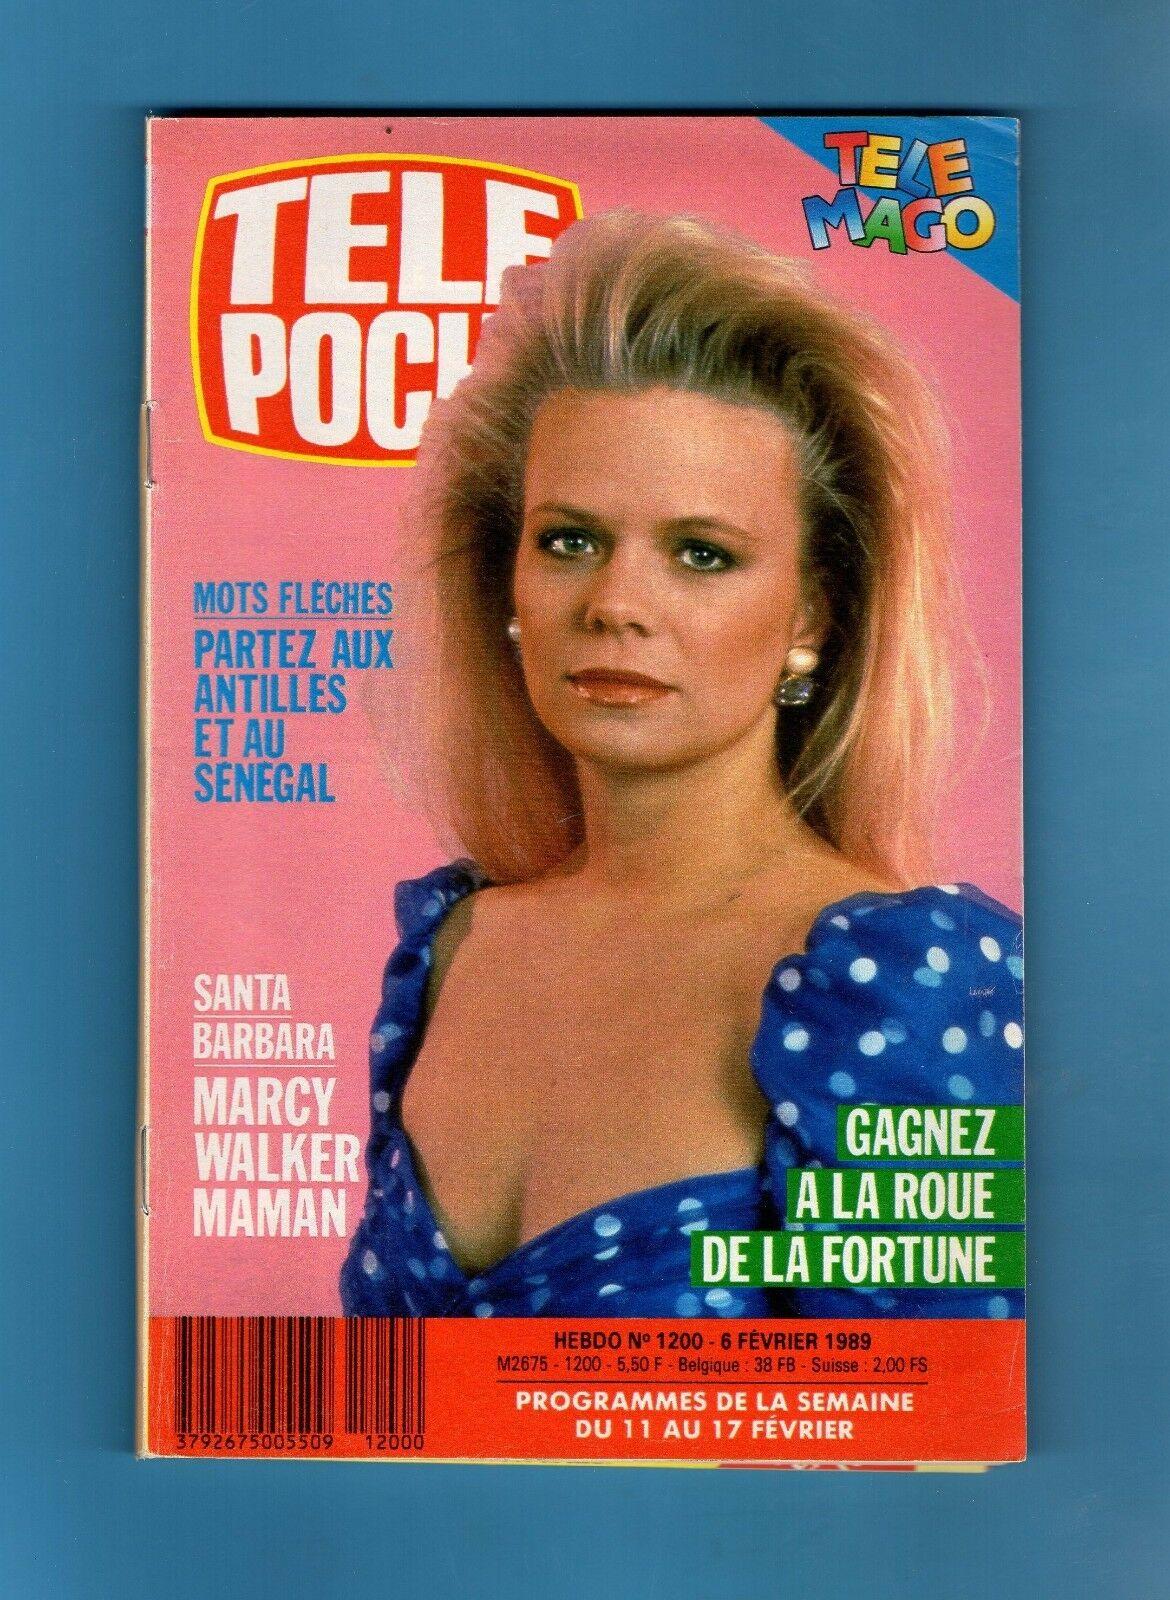 ►Tele-Poche-1200-1989-Marcy-Walker-Serge.jpg